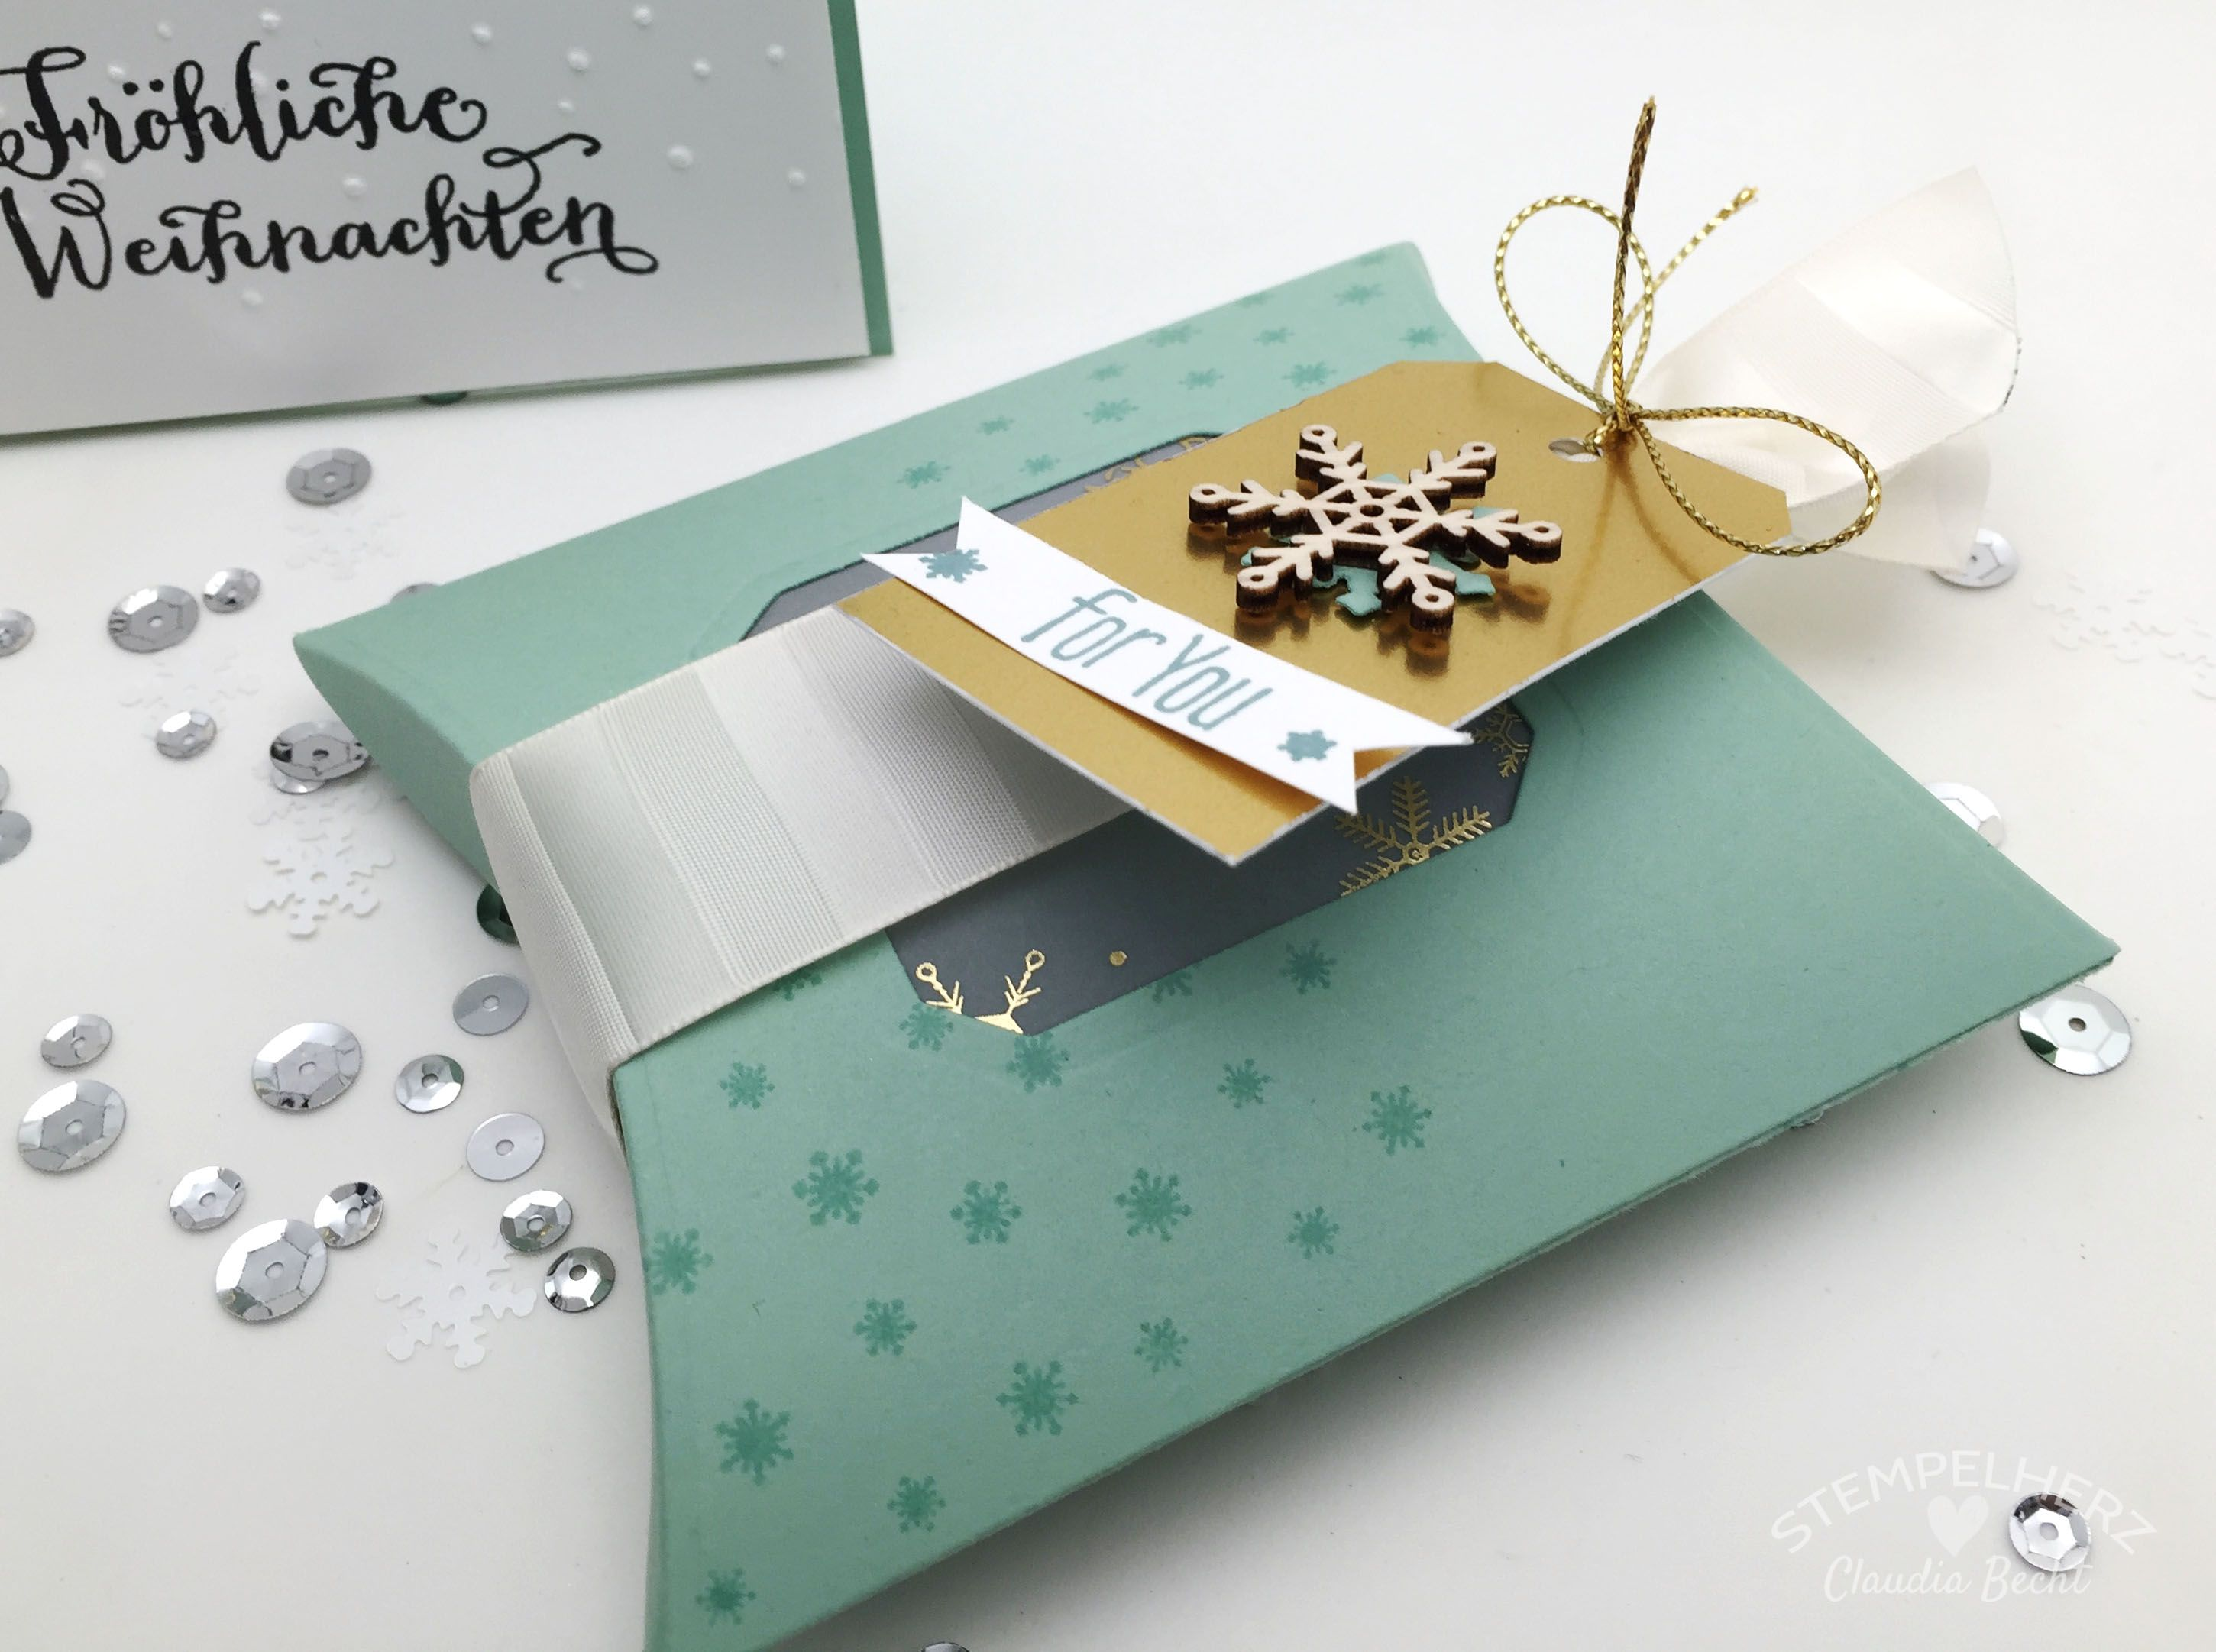 stampin up stempelherz weihnachtskarte weihnachtsverpackung pillowbox sch ttelkarte fr hliche. Black Bedroom Furniture Sets. Home Design Ideas